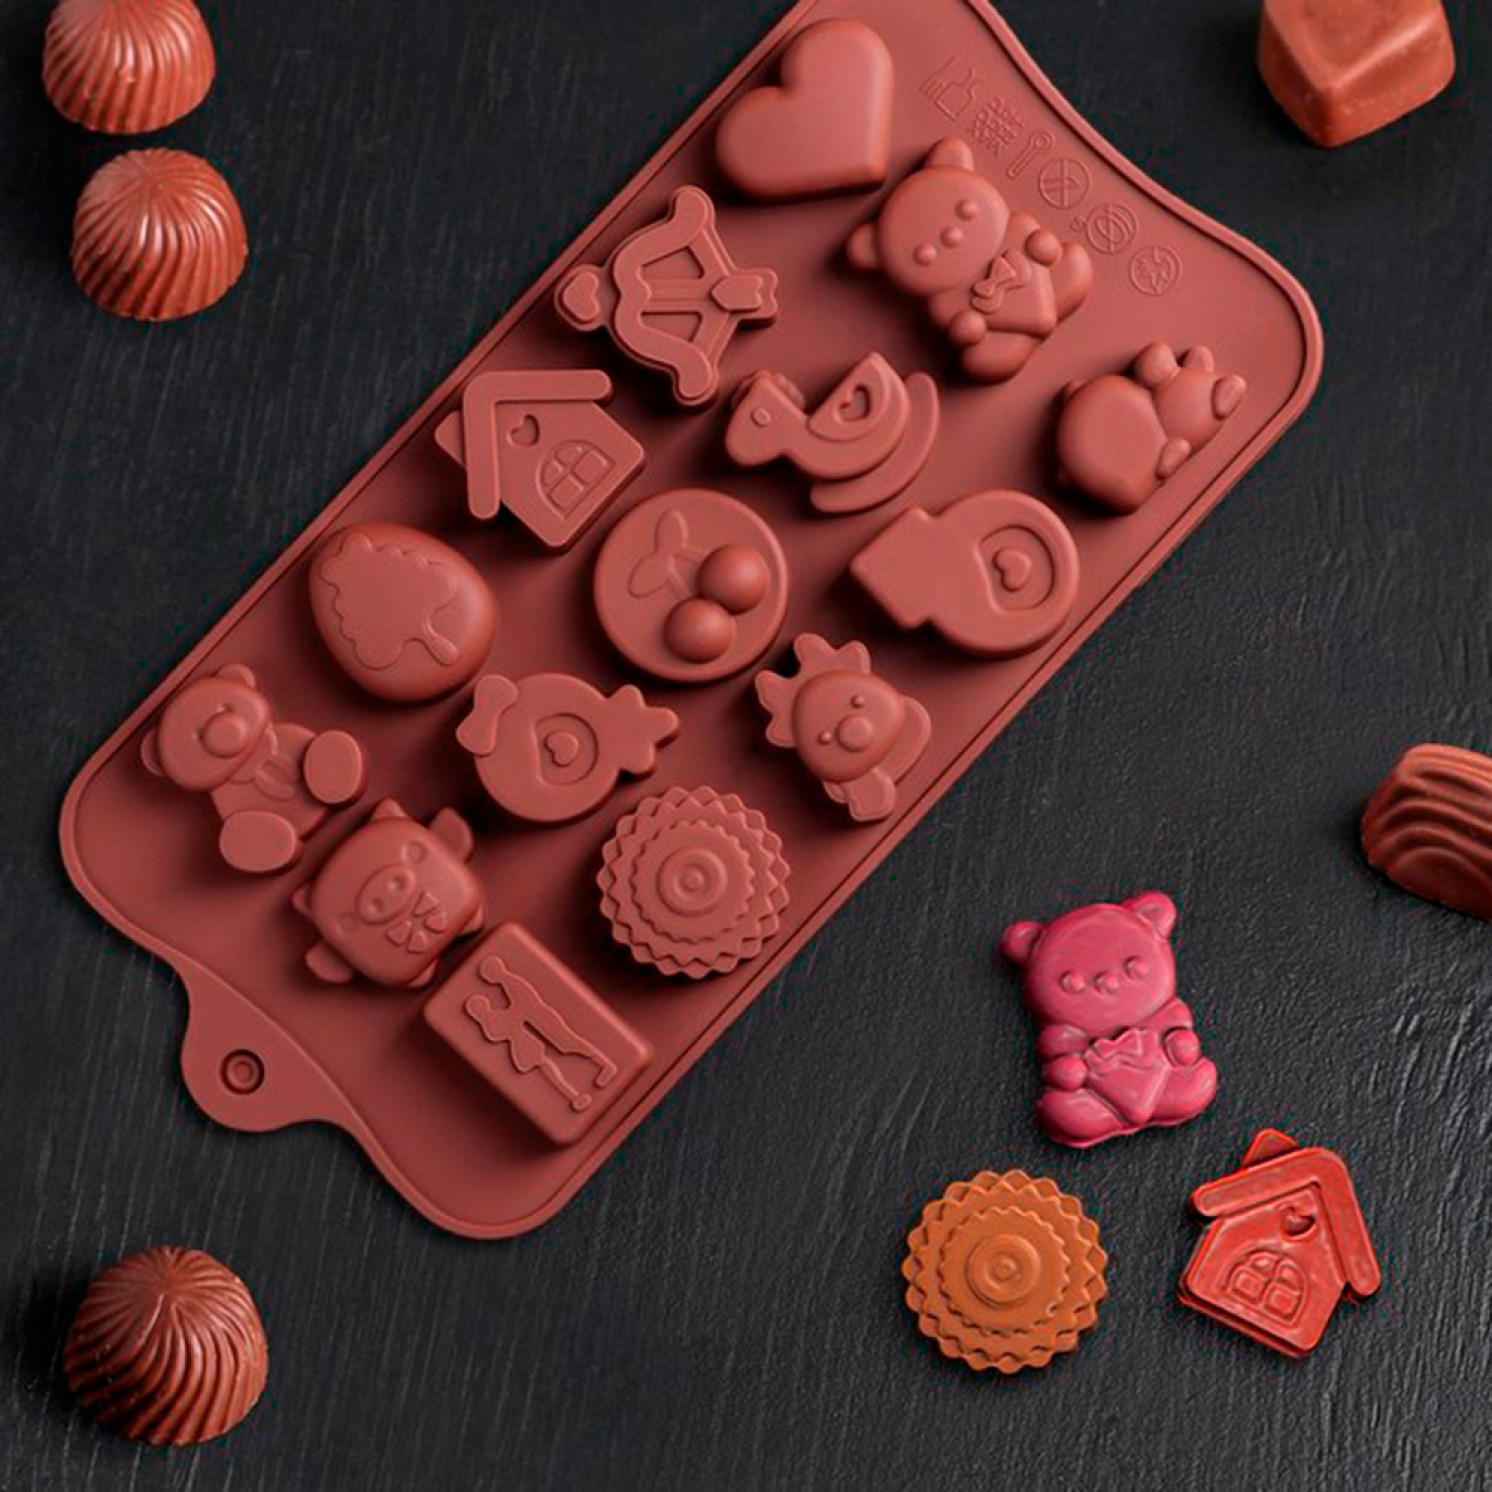 Форма для льда и шоколада «Счастье есть», 21×11×1,5 см, 15 ячеек